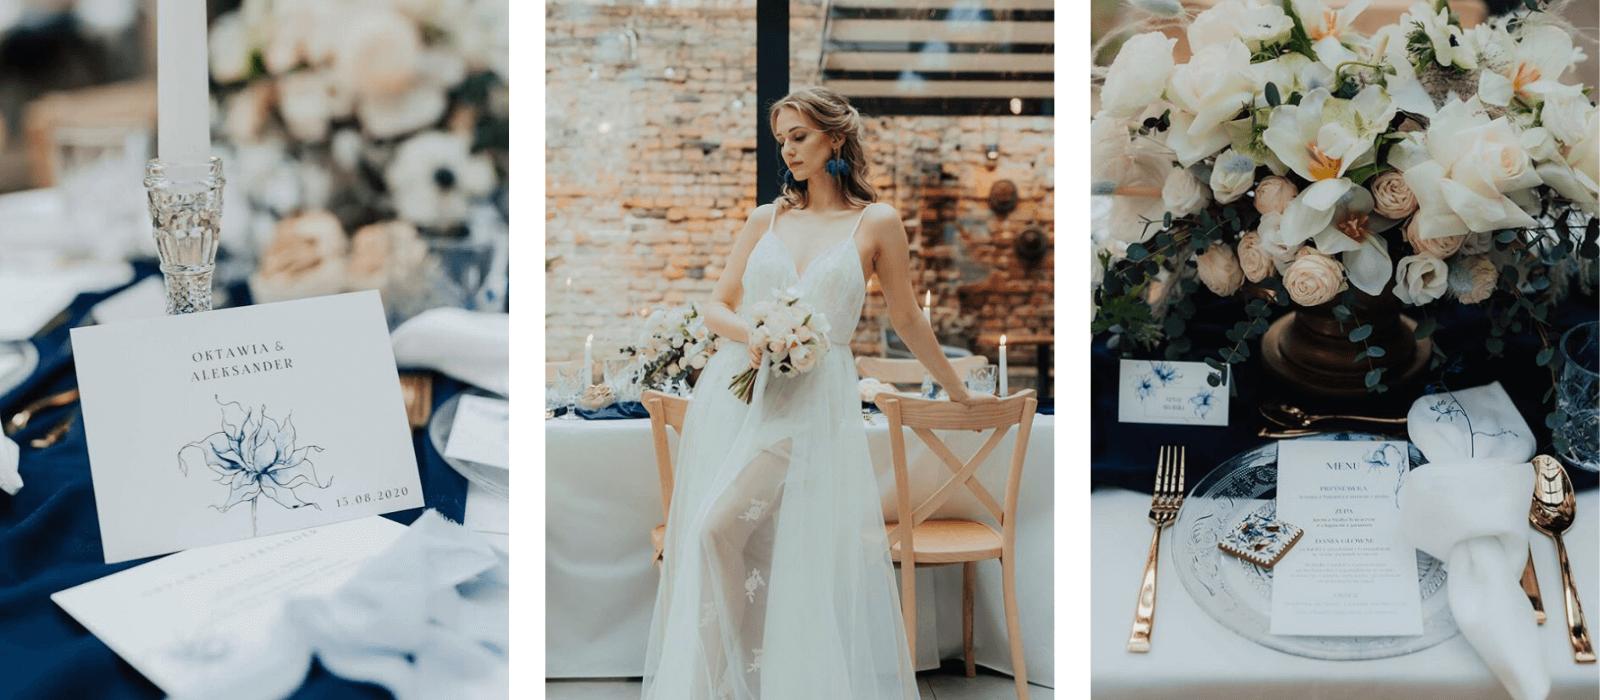 realizacje stylizowana sesja ślubna classic blue magazyn wesele design your wedding